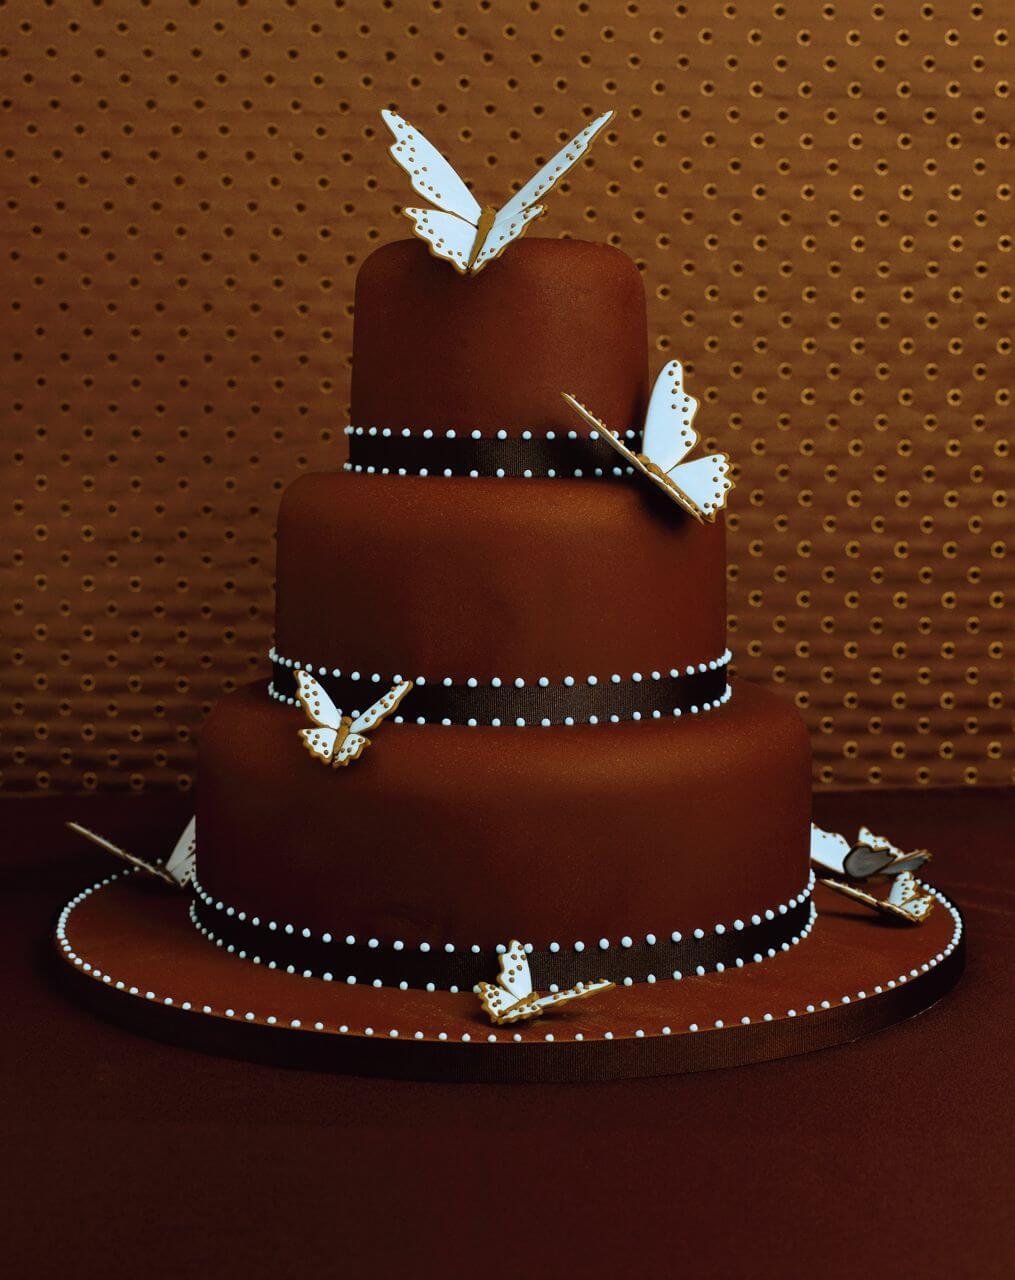 Как сделать шоколадный бант на торт